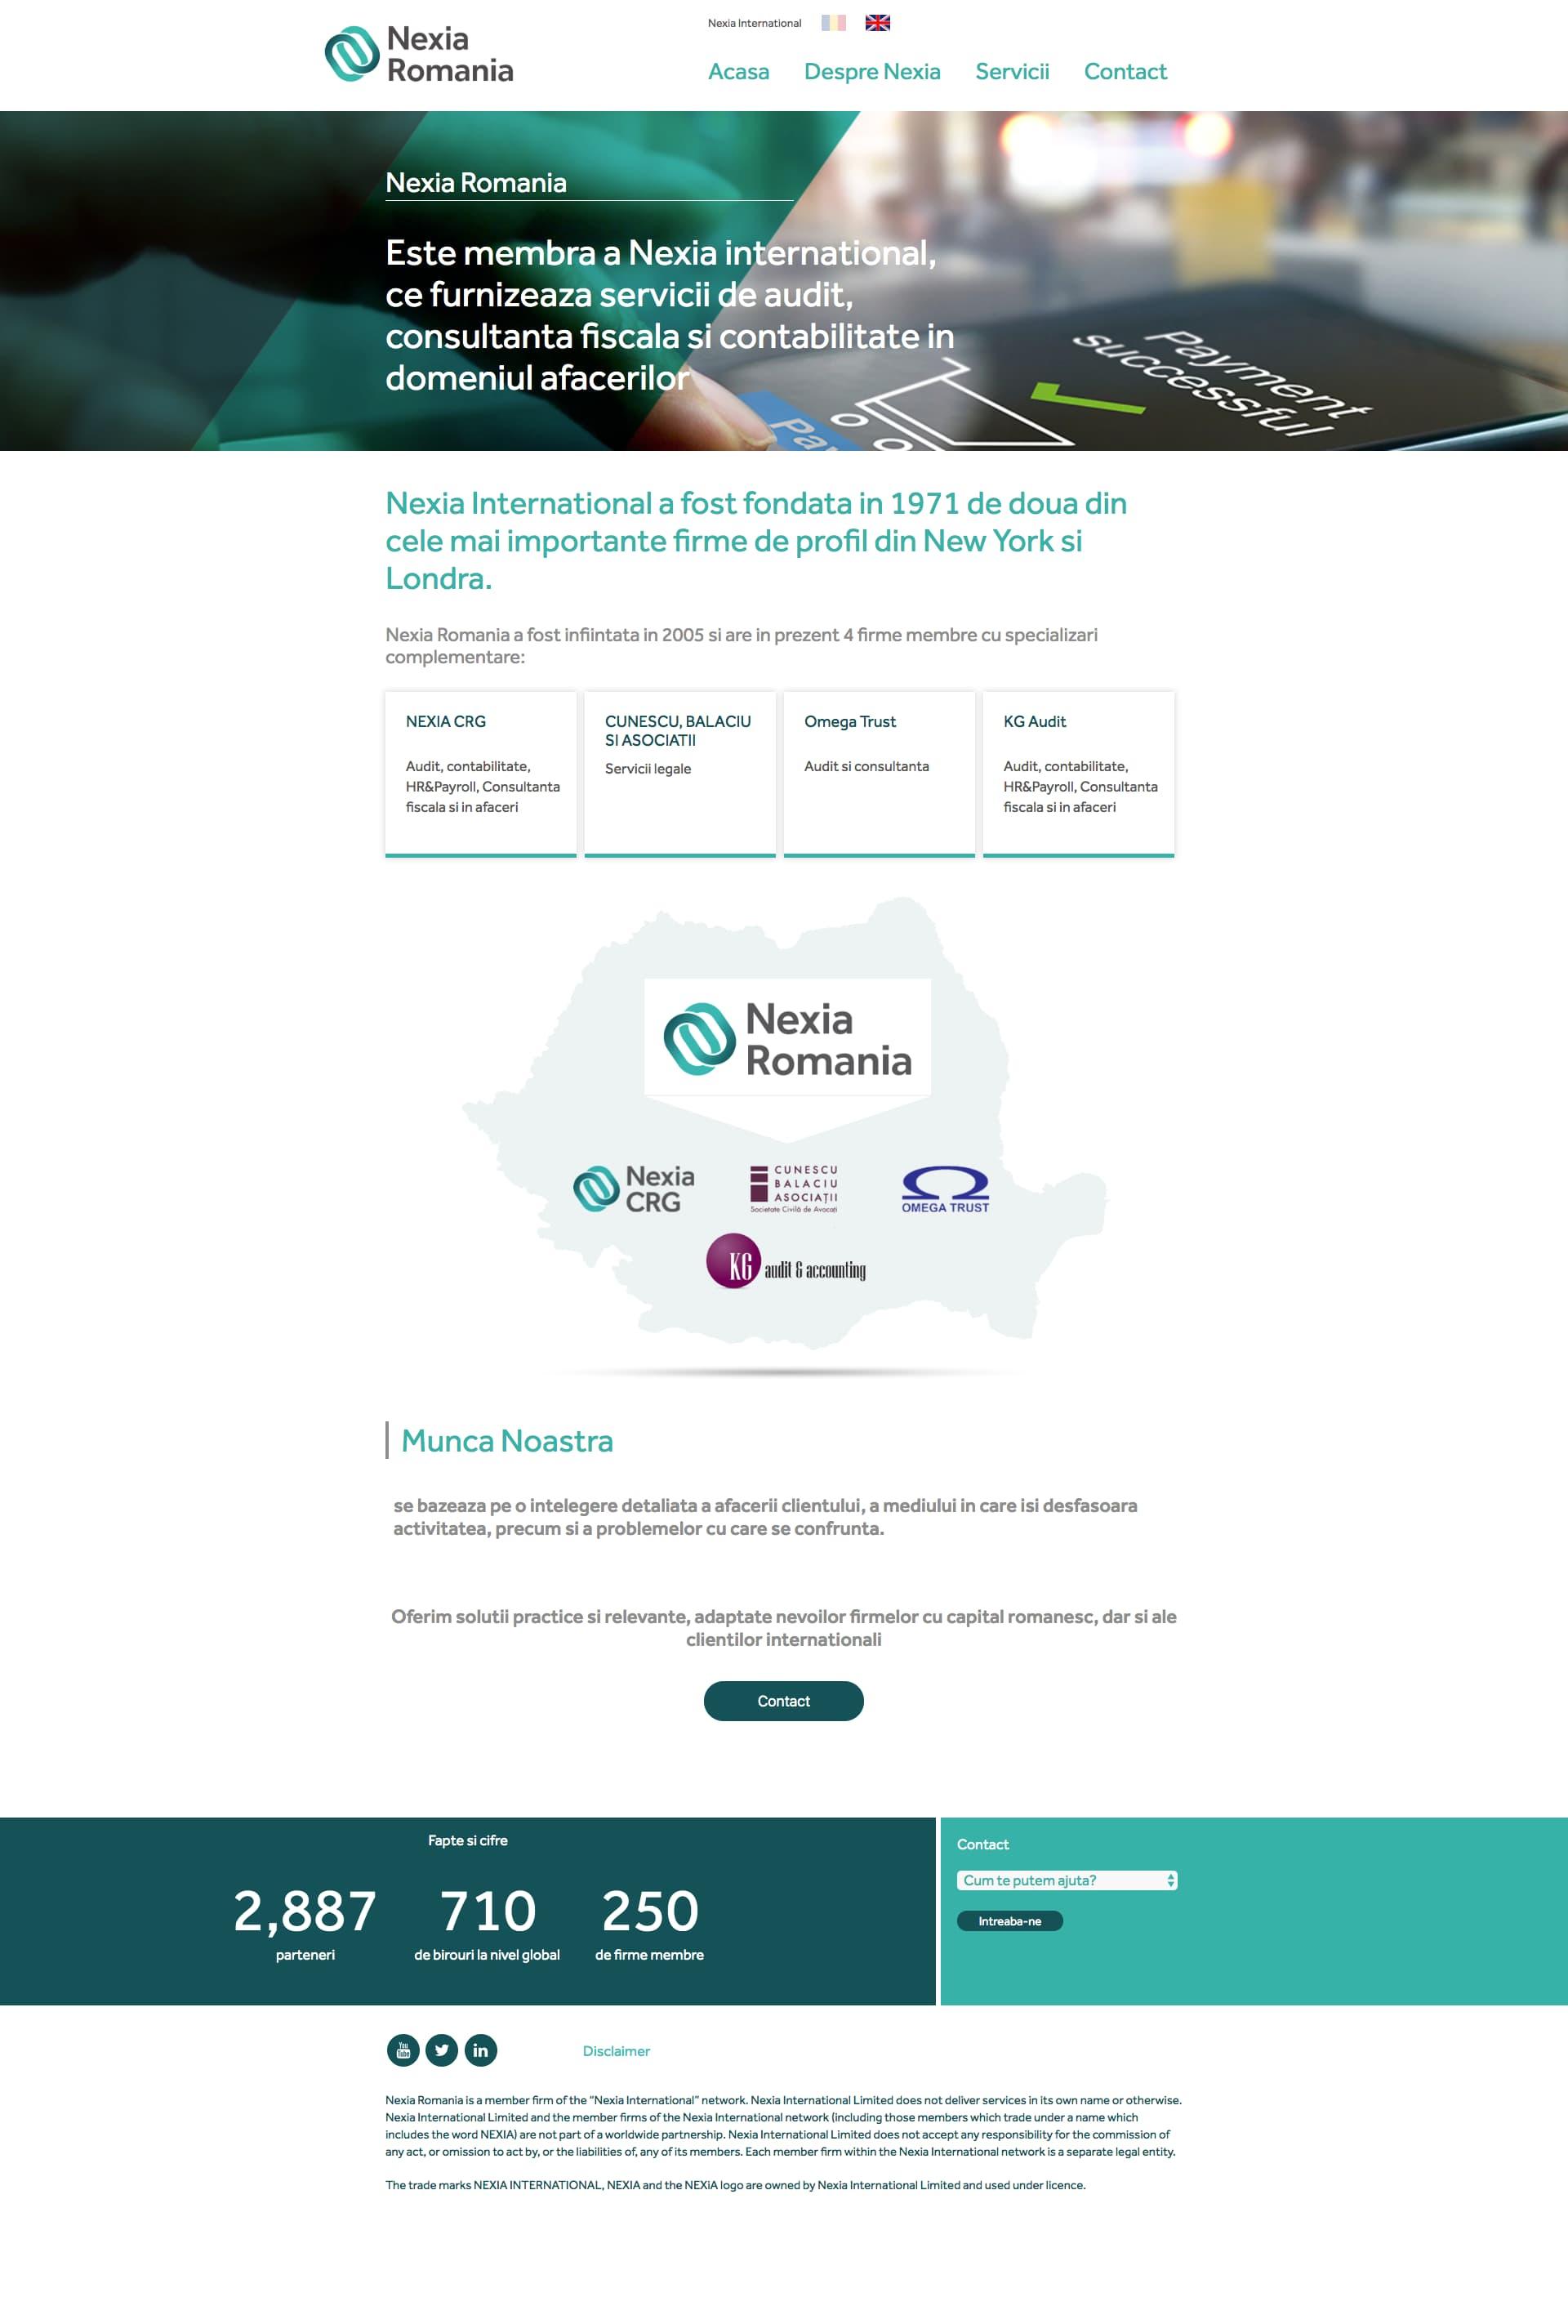 nexia-homepage